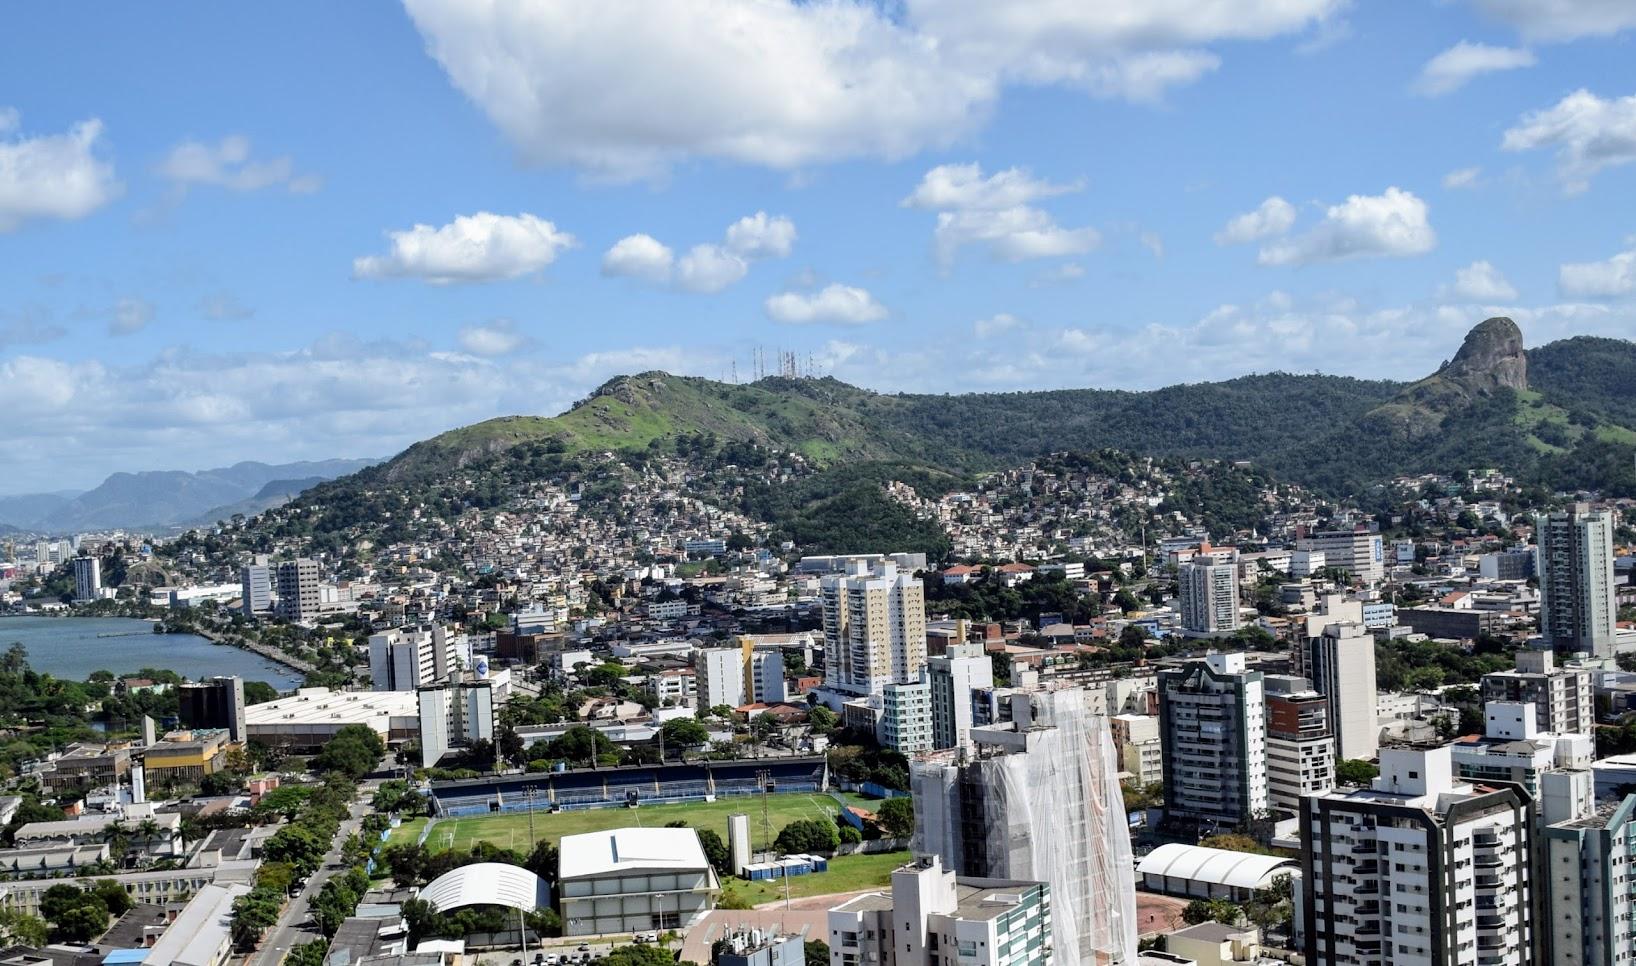 Morro do Vigia, Pedra do Urubu, Morro da Fonte Grande e Pedra dos Dois Olhos, vistos do alto de Jesus de Nazareth